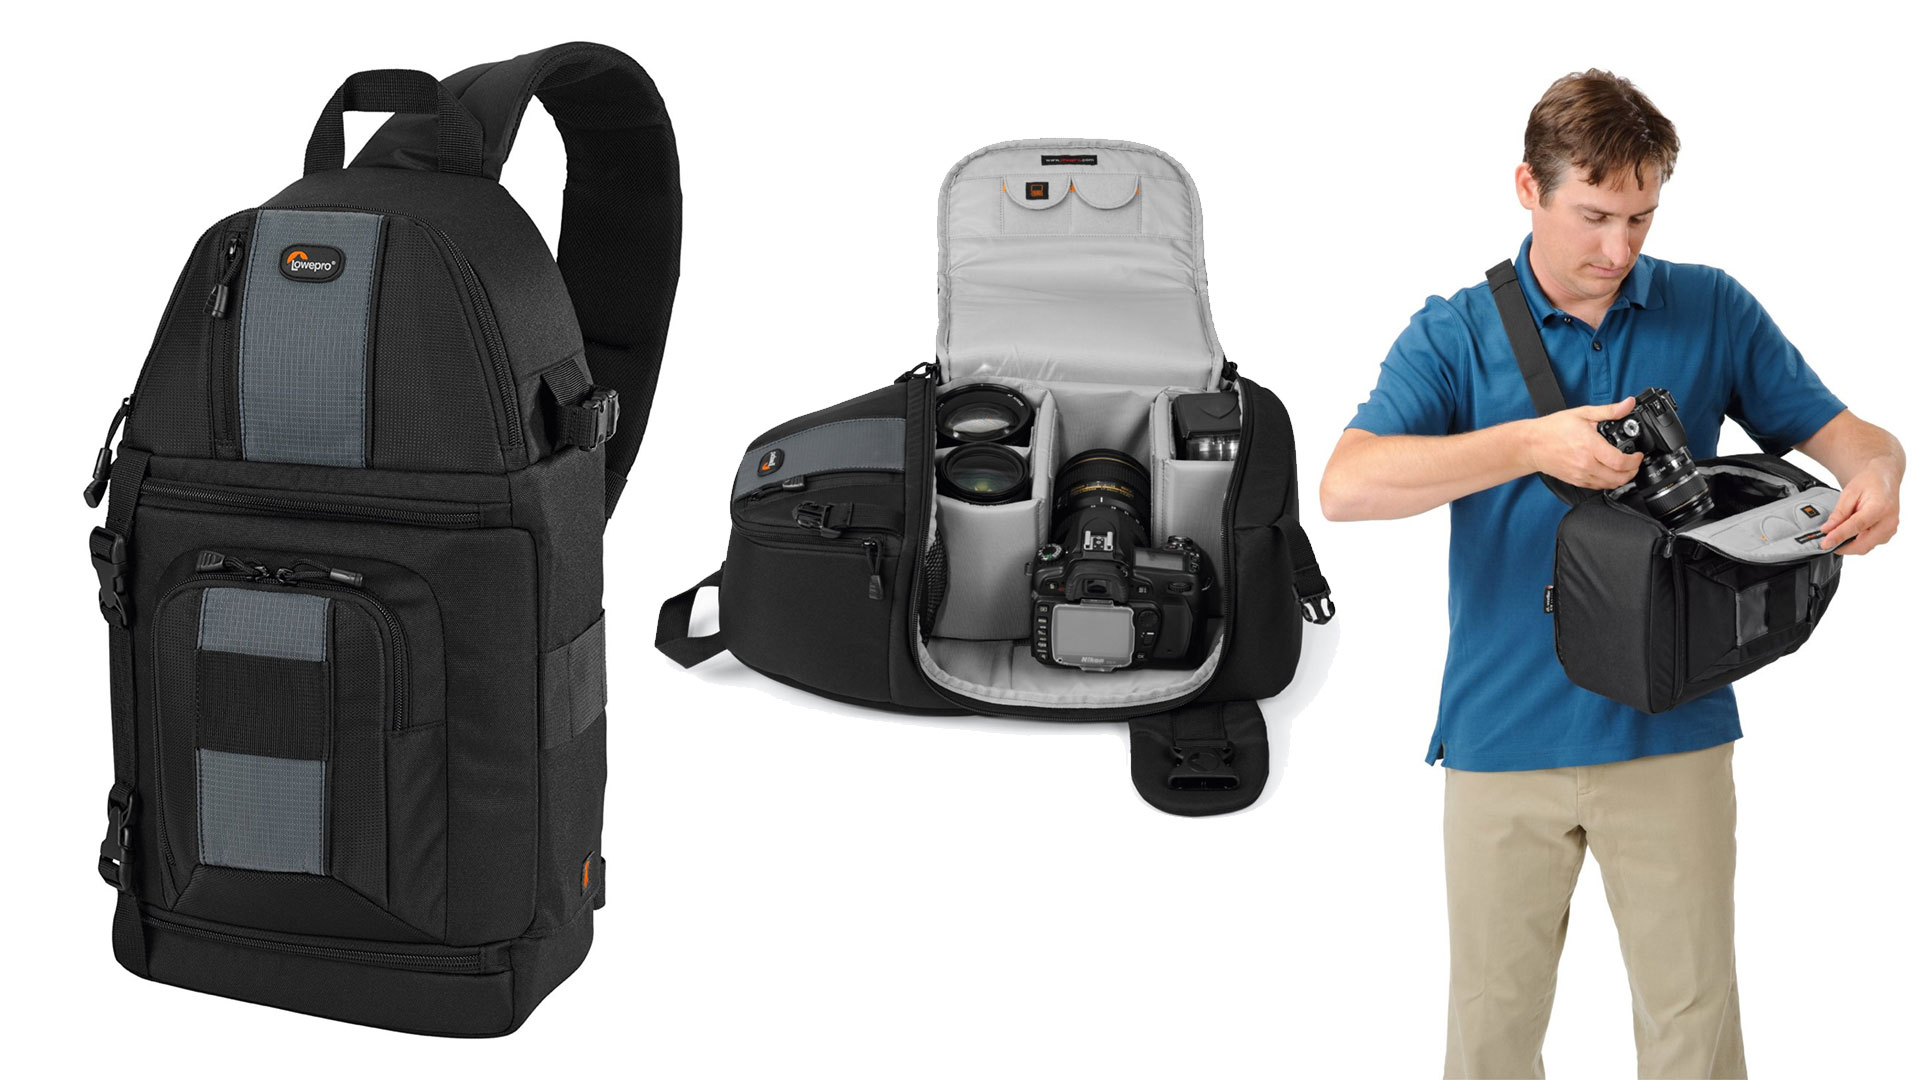 Lowepro Slingshot 202 Bag, best dslr bag, best dslr camera bag, best dslr camera backpack